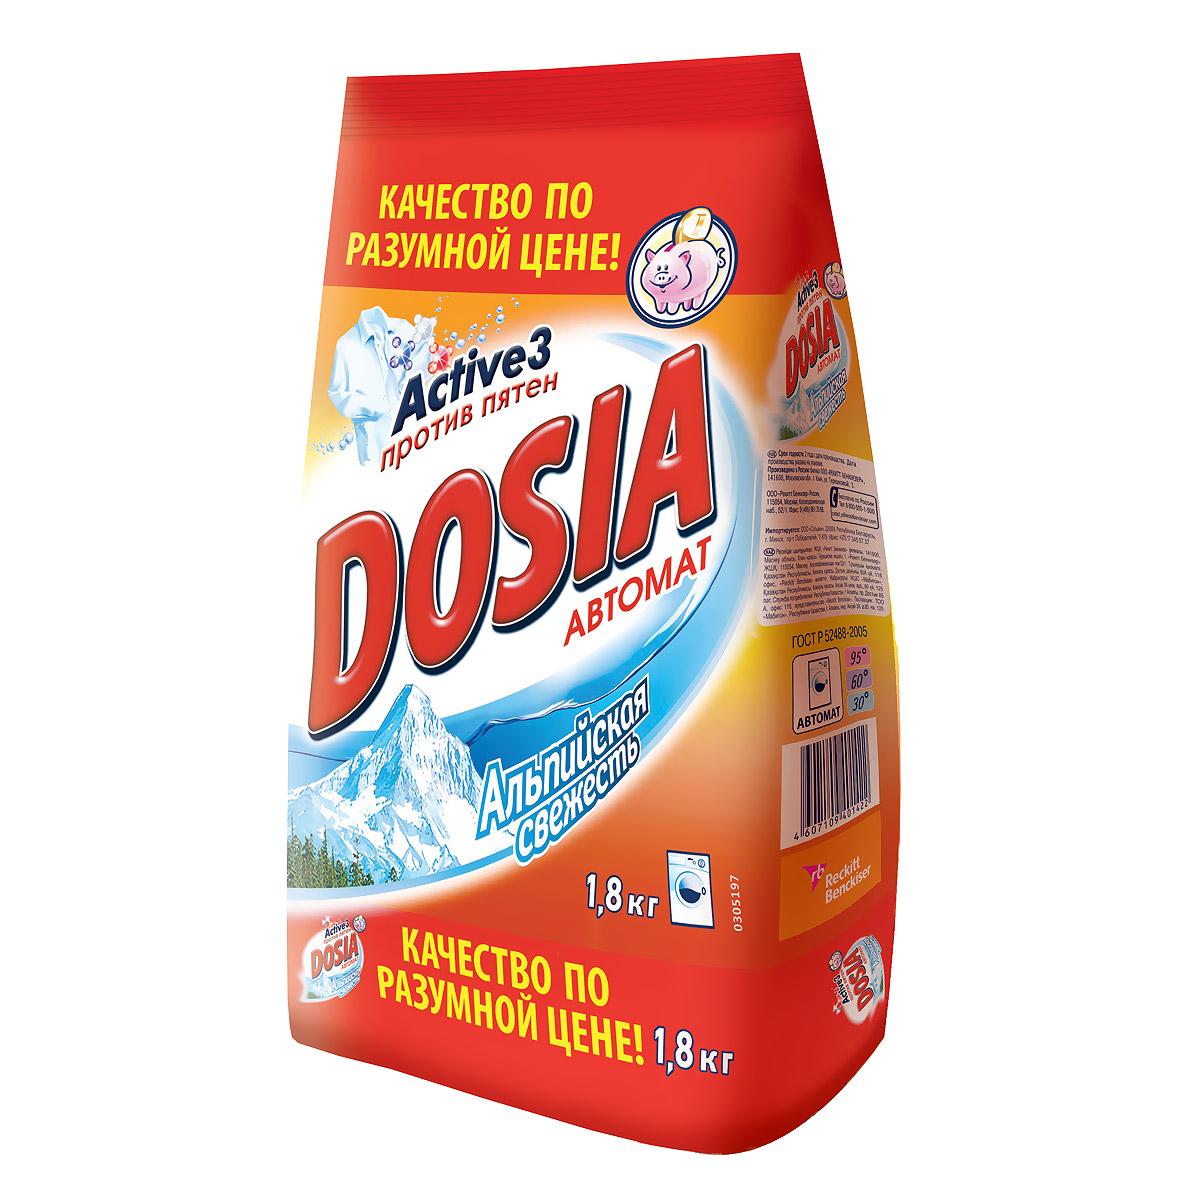 Стиральный порошок Dosia, альпийская свежесть, 1,8 кг15114923Стиральный порошок Dosia предназначен для стирки в стиральных машинах любого типа, также подходит для ручной стирки. Стиральный порошок содержит двойную систему отбеливания, благодаря которой белье после стирки становиться чистым и свежим. Эффективно отстирывает различные пятна, а специальные отбеливатели, входящие в состав стирального порошка, сохраняют белый цвет вещей. Порошок содержит компоненты, помогающие защитить стиральную машину от накипи и известкового налета. Характеристики: Вес: 1,8 кг. Изготовитель: Россия.Товар сертифицирован.